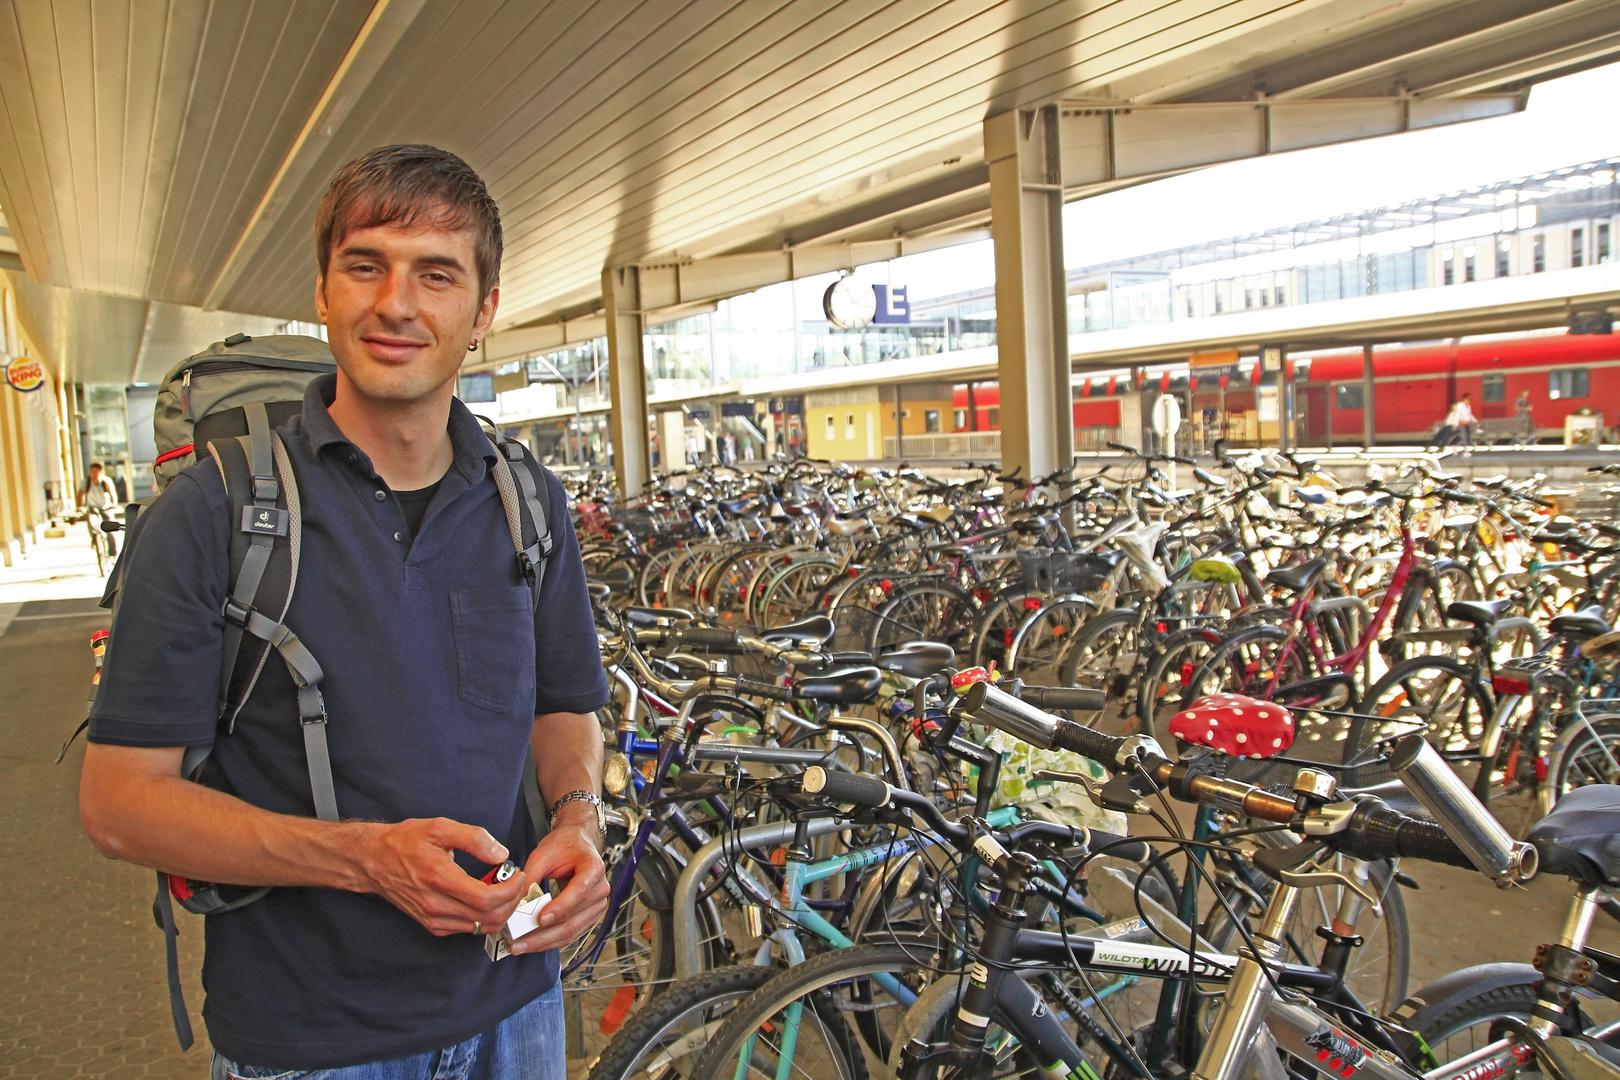 Der Fahrradhändler